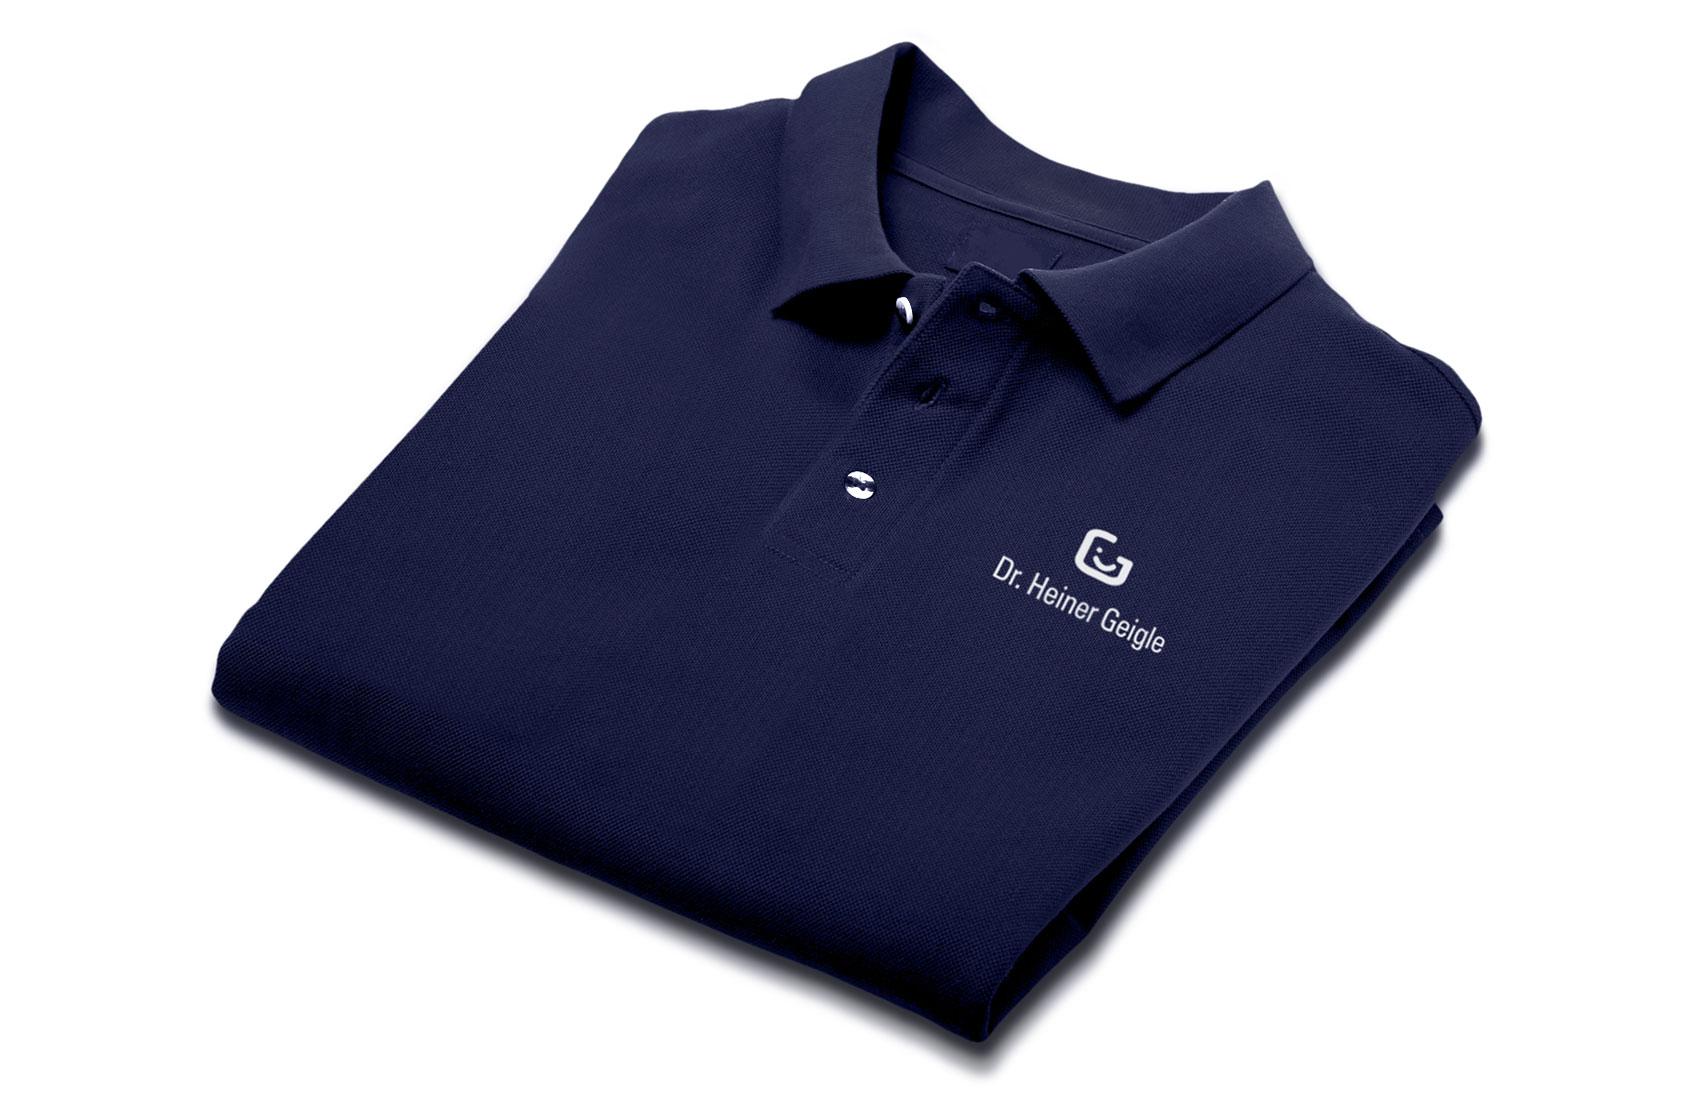 Berufsbekleidung: dunkelblaue T-Shirts mit weißem Lokoaufdruck für die Zahnärzte